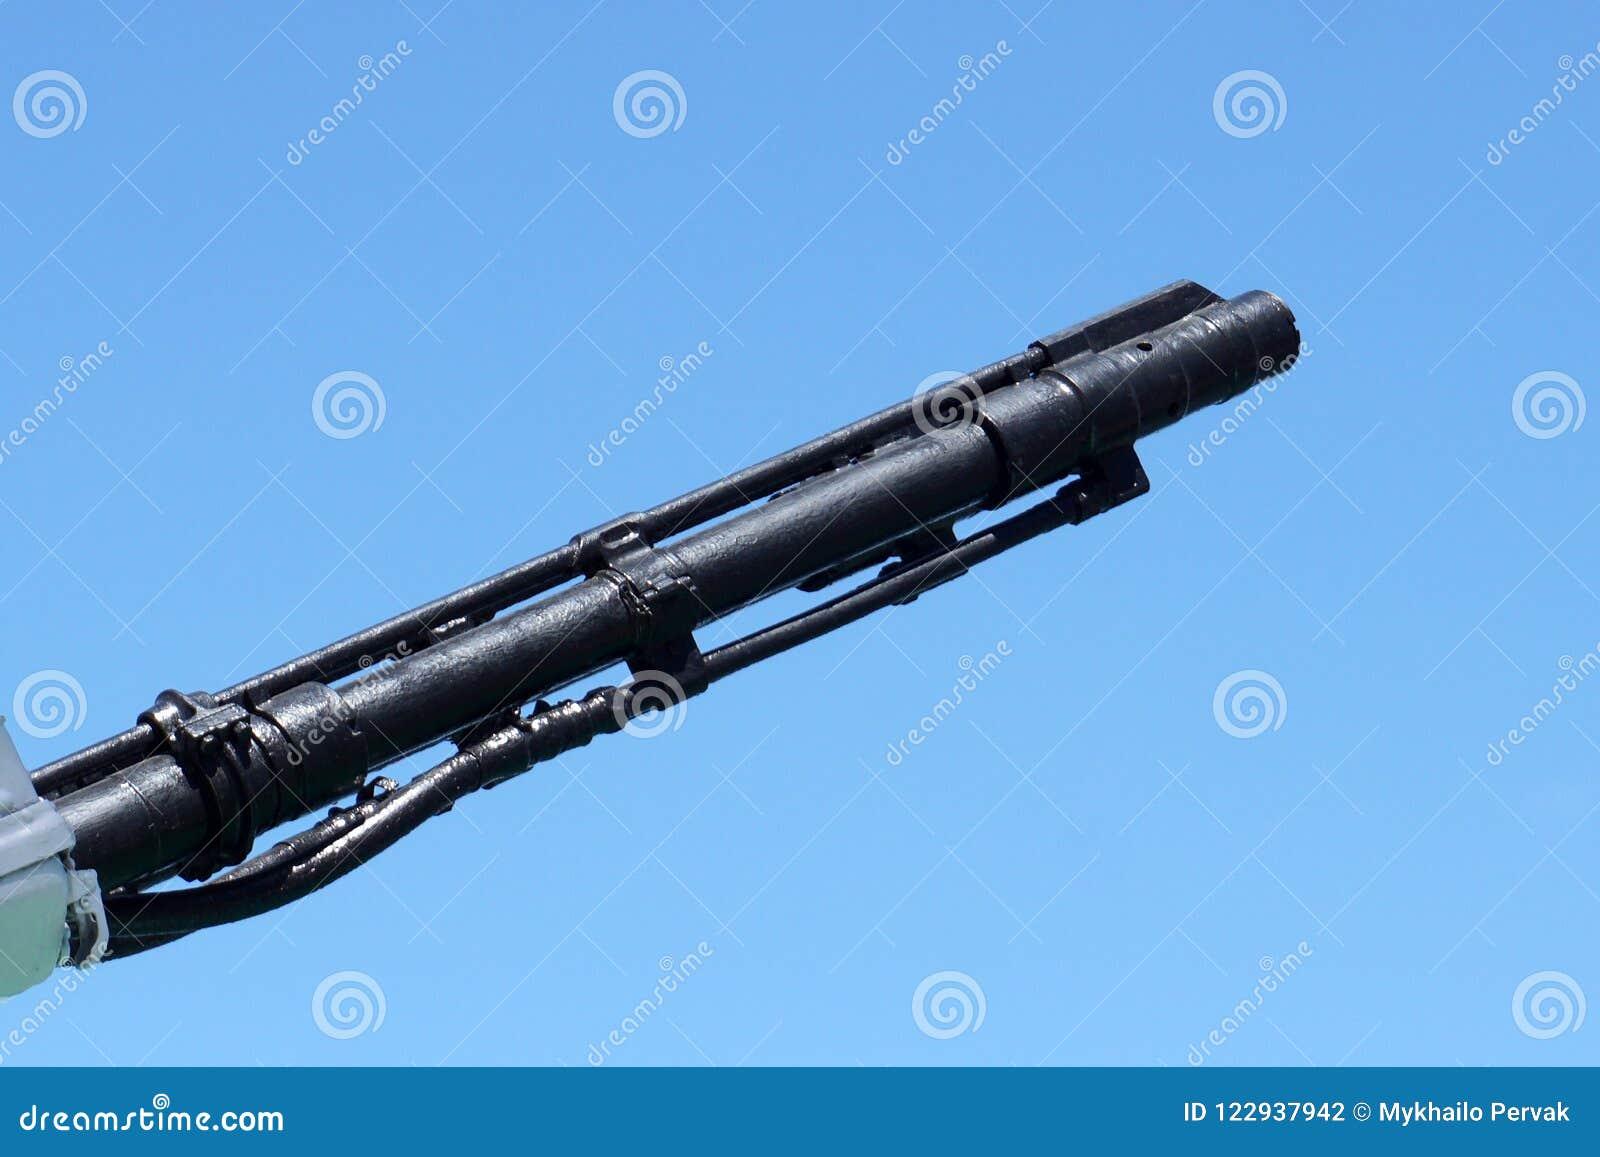 Tysta ned trumman av artillerivapnet för det sjö- skeppet på en bakgrund för blå himmel kopiera utrymme, den selektiva fokusen, s